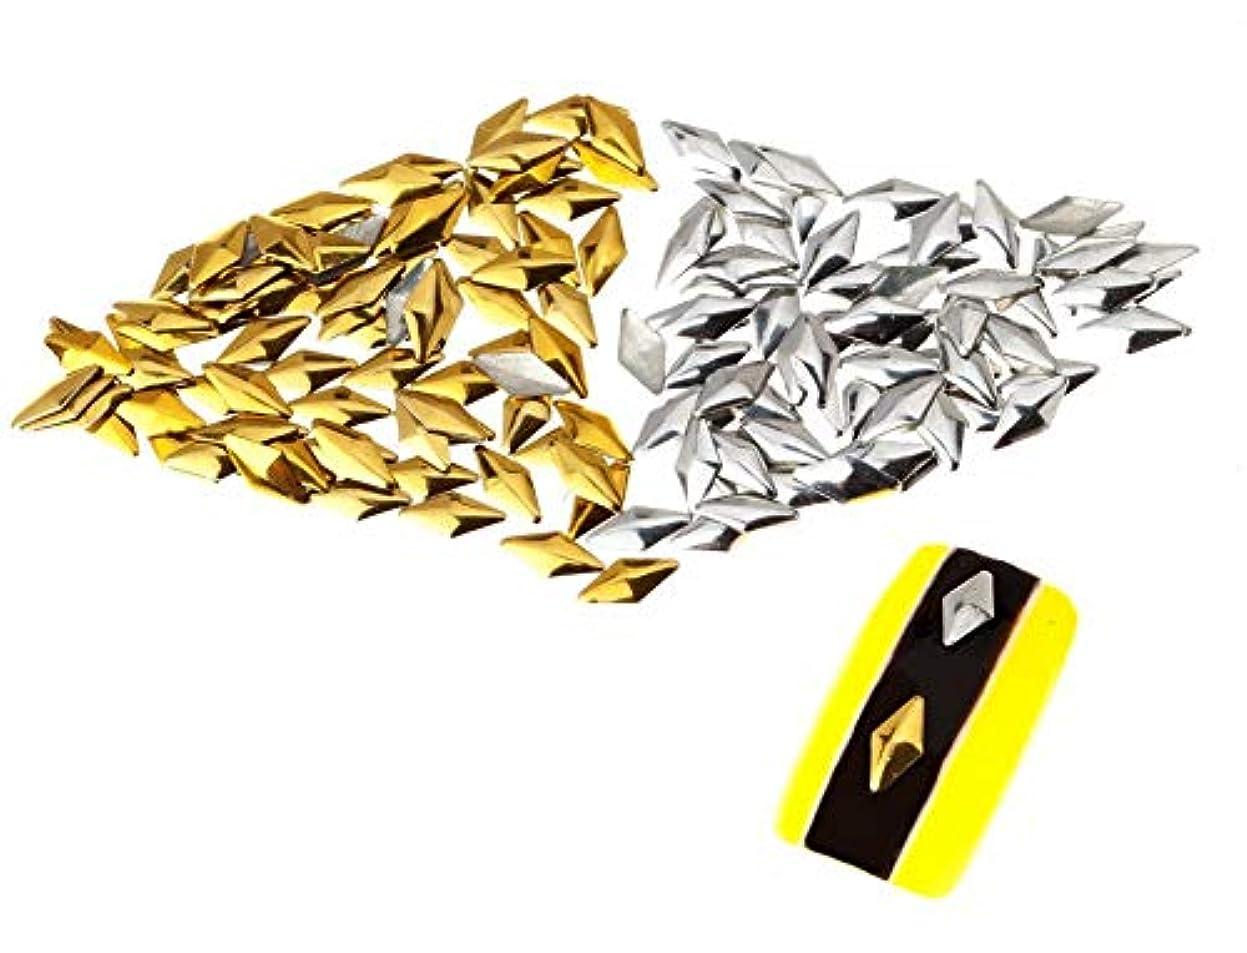 反応する抑圧鉛筆250個の3mmシルバーおよびゴールドダイヤモンド型メタルスタッドマニキュアネイルアートデコレーションのプレミアムセット